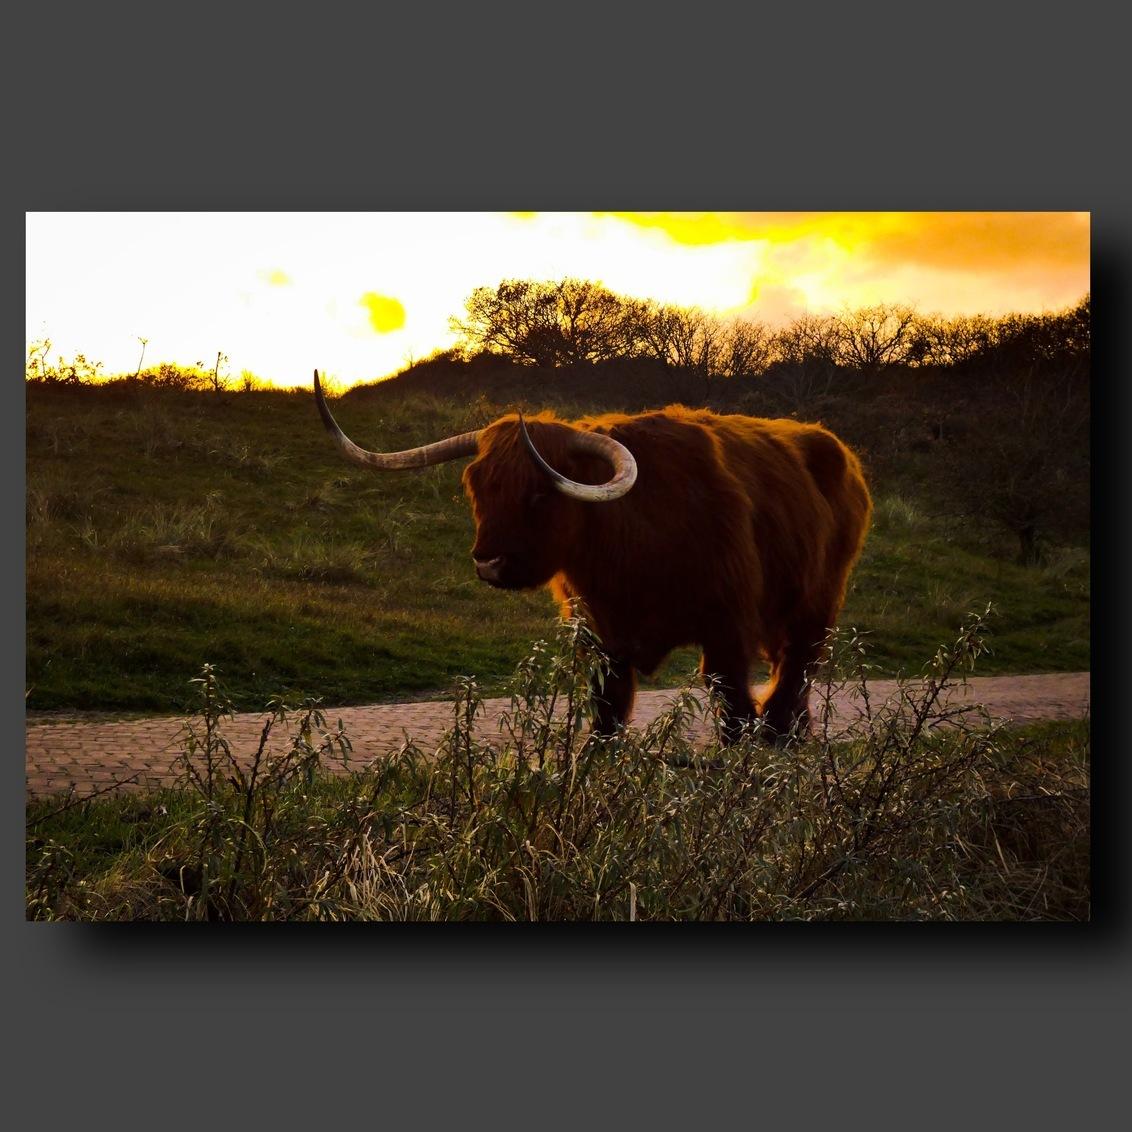 Schotse Hooglander - Schotse Hooglander - foto door pixelsbypriscilla op 22-11-2020 - deze foto bevat: natuur, koe, dieren, bos, duin, dutch, schotsehooglander, grazer, egmond, vee, animal, netherlands, b9s, bos duin